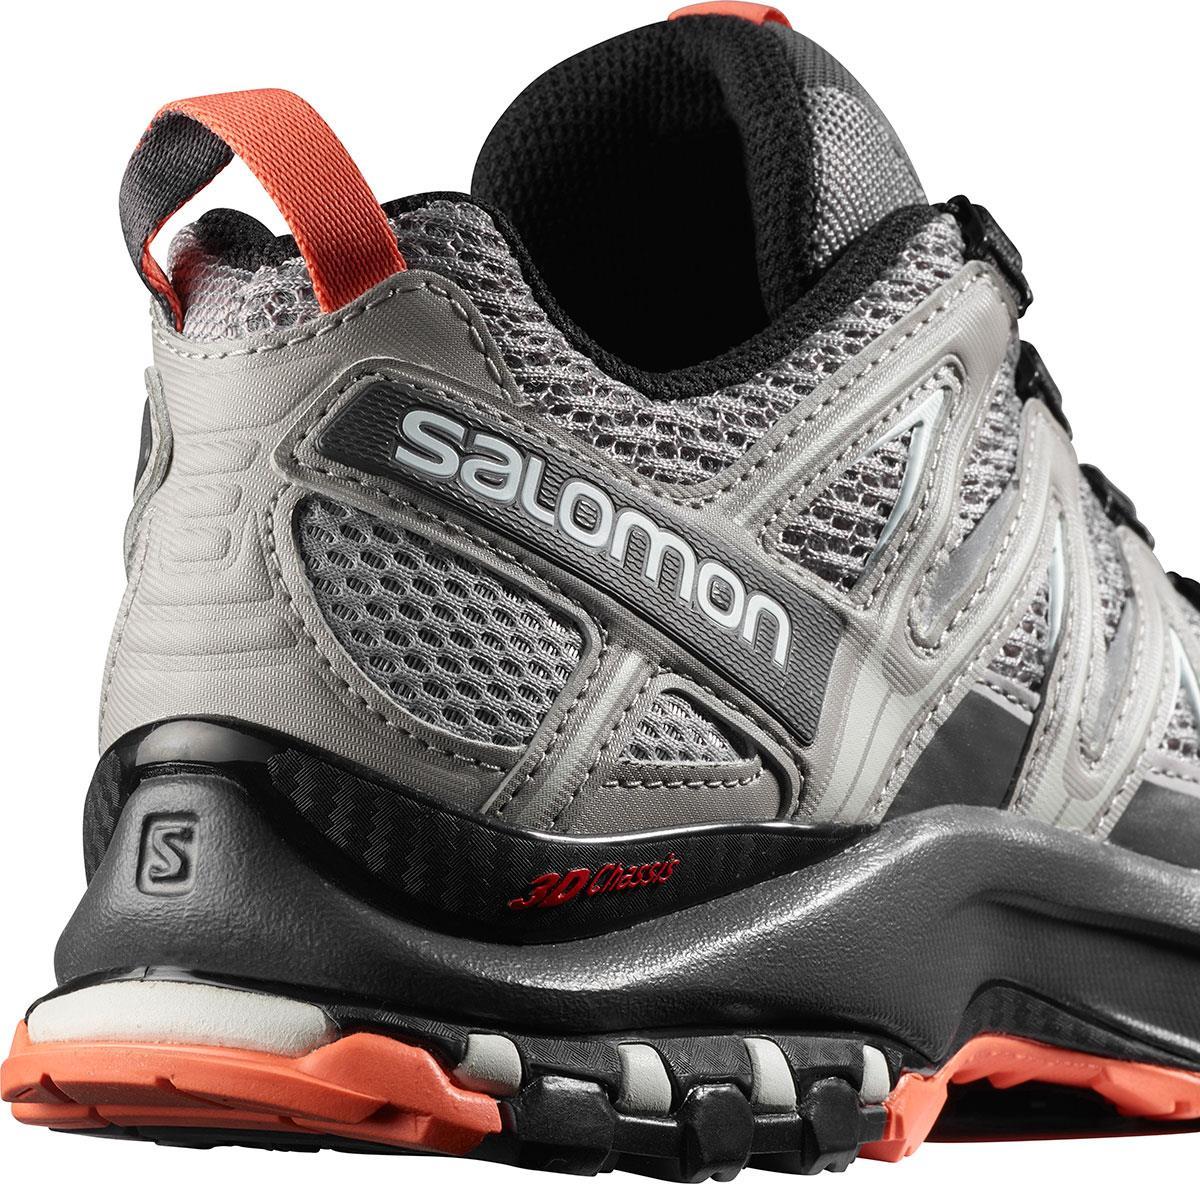 Salomon XA PRO 3D W Kadın  Ayakkabısı L40977600